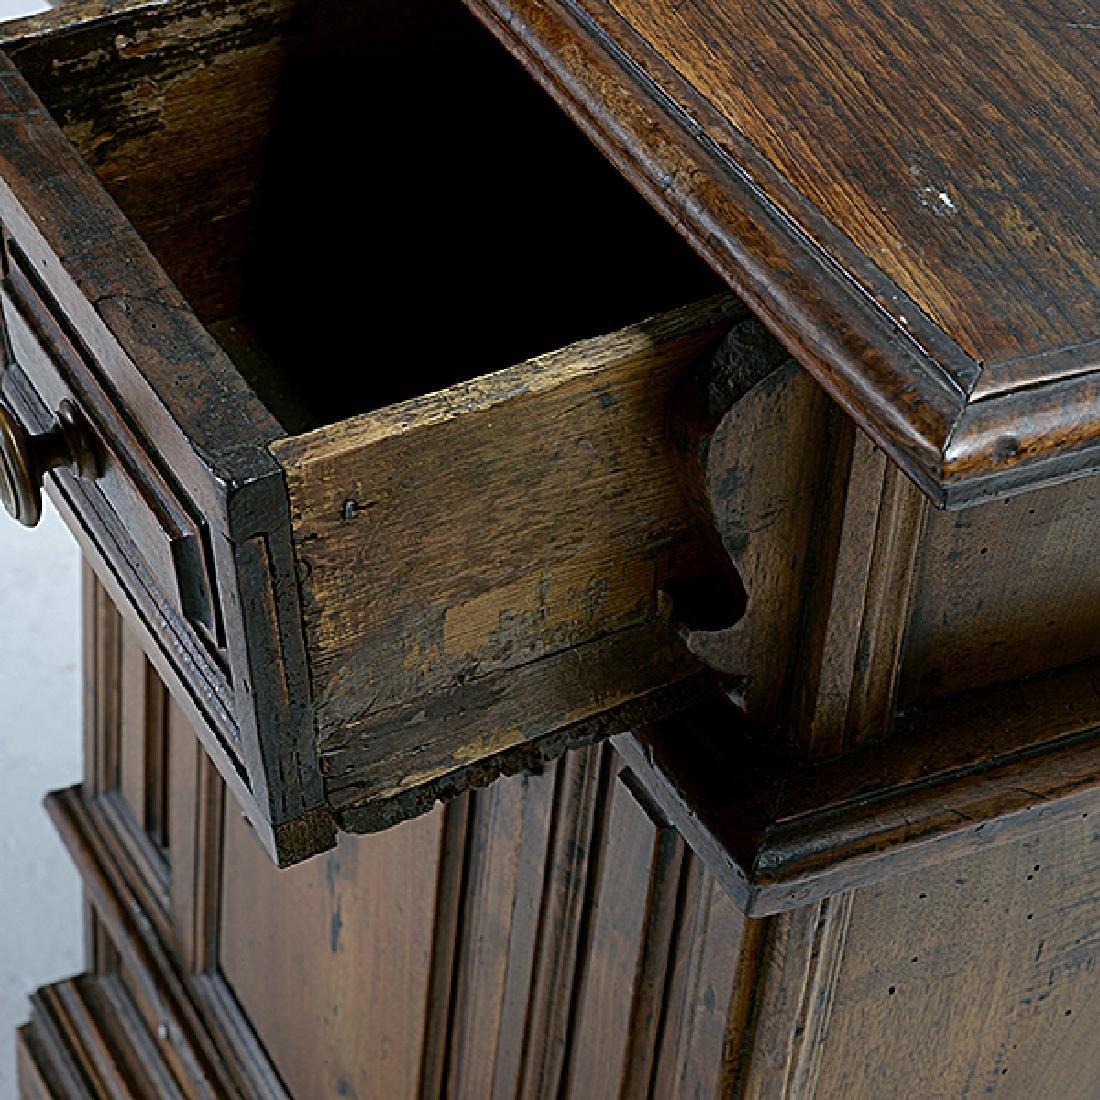 Italian Renaissance Style Cabinet - 4